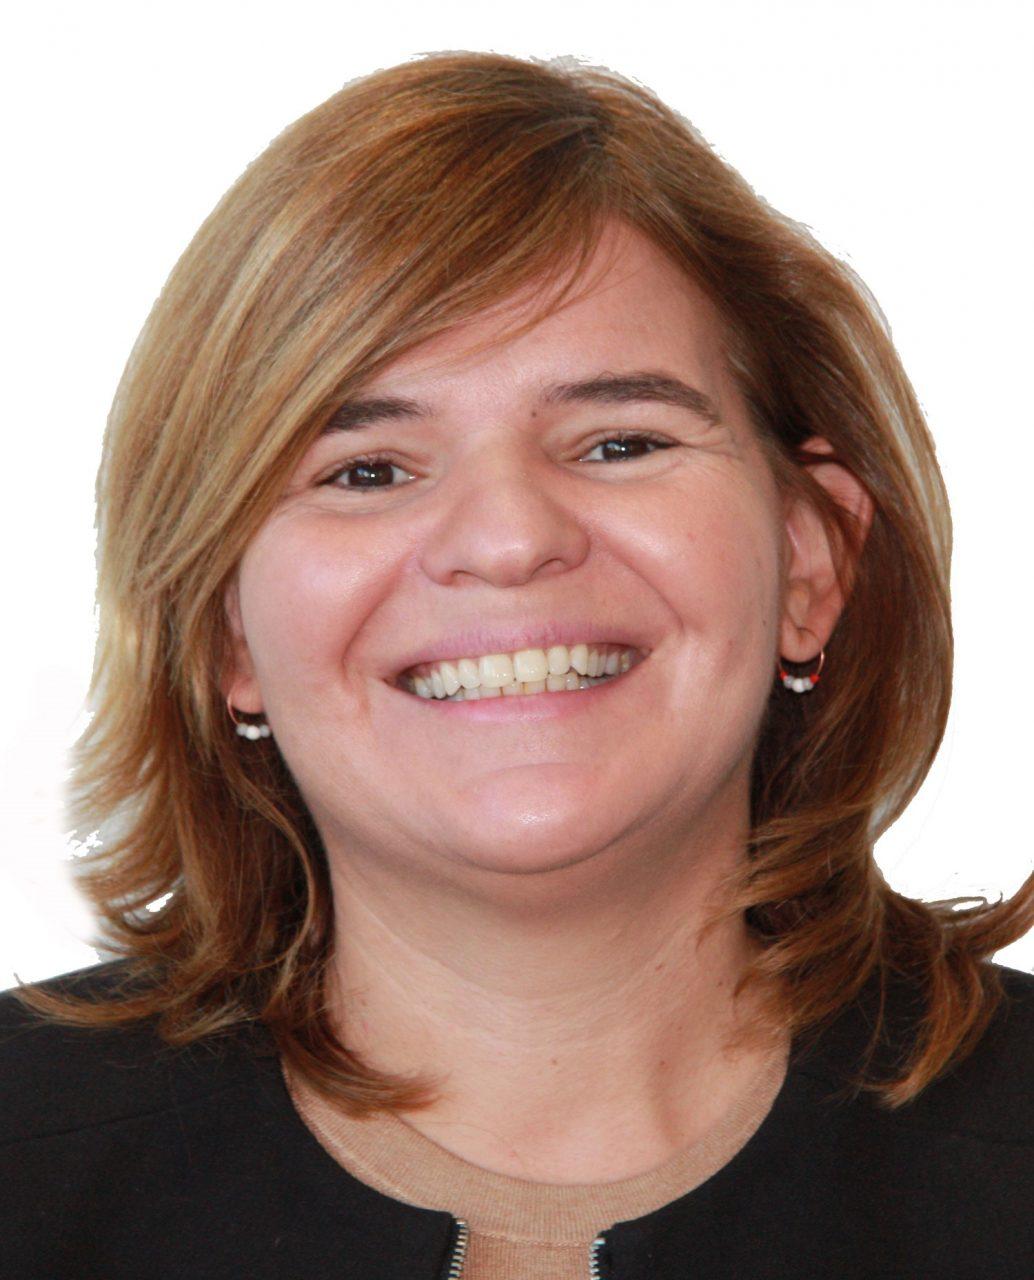 Susana scaled